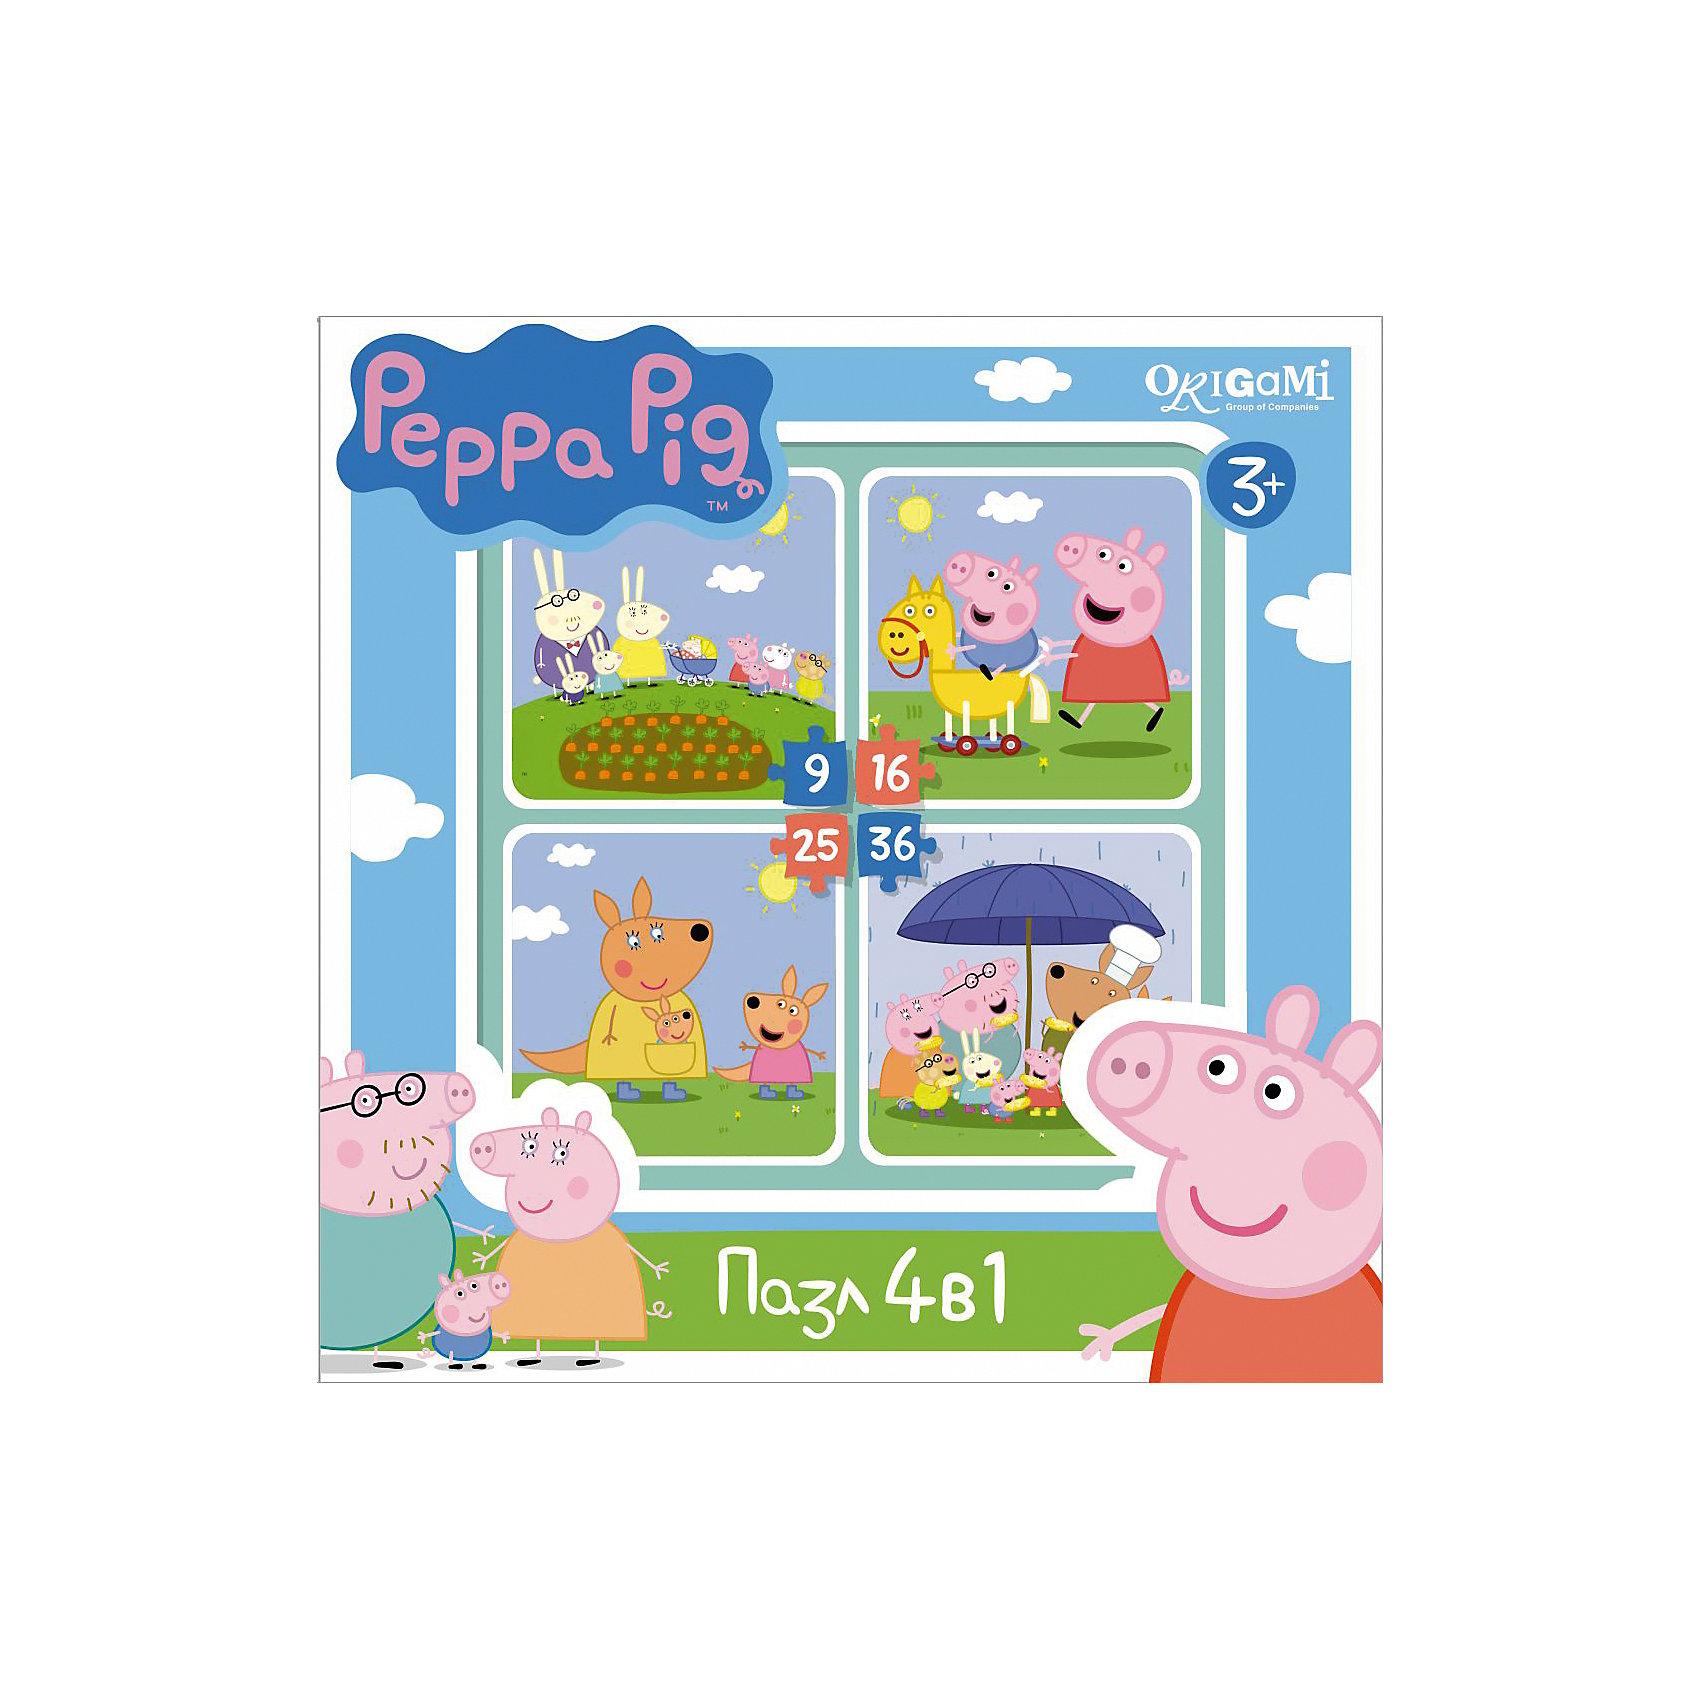 Набор из 4-х пазлов На отдыхе, 9*16*25*36 деталей, Свинка Пеппа, OrigamiПазлы для малышей<br>Набор из 4-х пазлов На отдыхе, Свинка Пеппа, Origami - увлекательный набор для творчества, который заинтересует Вашего малыша и подарит ему отличное настроение. Из деталей пазла он сможет собрать четыре красочные картинки с веселыми сюжетами из популярного мультсериала Peppa Pig: персонажи мультфильма на прогулке. Картинки отличаются количеством входящих в них деталей и уровнем сложности. Начинайте сборку с пазла на 9 элементов, постепенно усложняя задачу до 25 элементов. Набор обладает высоким качеством полиграфии и насыщенными цветами. Благодаря ламинированному покрытию картинки надолго сохраняют свой блеск и яркие цвета. Плотный картон не дает деталям мяться и обеспечивает надежное соединение. Собирание пазла способствует развитию логического и пространственного мышления, внимания, мелкой моторики и координации движений.<br><br>Дополнительная информация:<br><br>- Материал: картон. <br>- Количество деталей: 9, 16, 25, 36.<br>- Размер собранной картинки: 15 х 15 см.<br>- Размер упаковки: 18 x 18 x 5 см.<br>- Вес: 160 гр.<br> <br>Набор из 4-х пазлов На отдыхе, 9*16*25*36 деталей, Свинка Пеппа, Origami, можно купить в нашем интернет-магазине.<br><br>Ширина мм: 180<br>Глубина мм: 50<br>Высота мм: 180<br>Вес г: 160<br>Возраст от месяцев: 36<br>Возраст до месяцев: 96<br>Пол: Унисекс<br>Возраст: Детский<br>SKU: 4614940